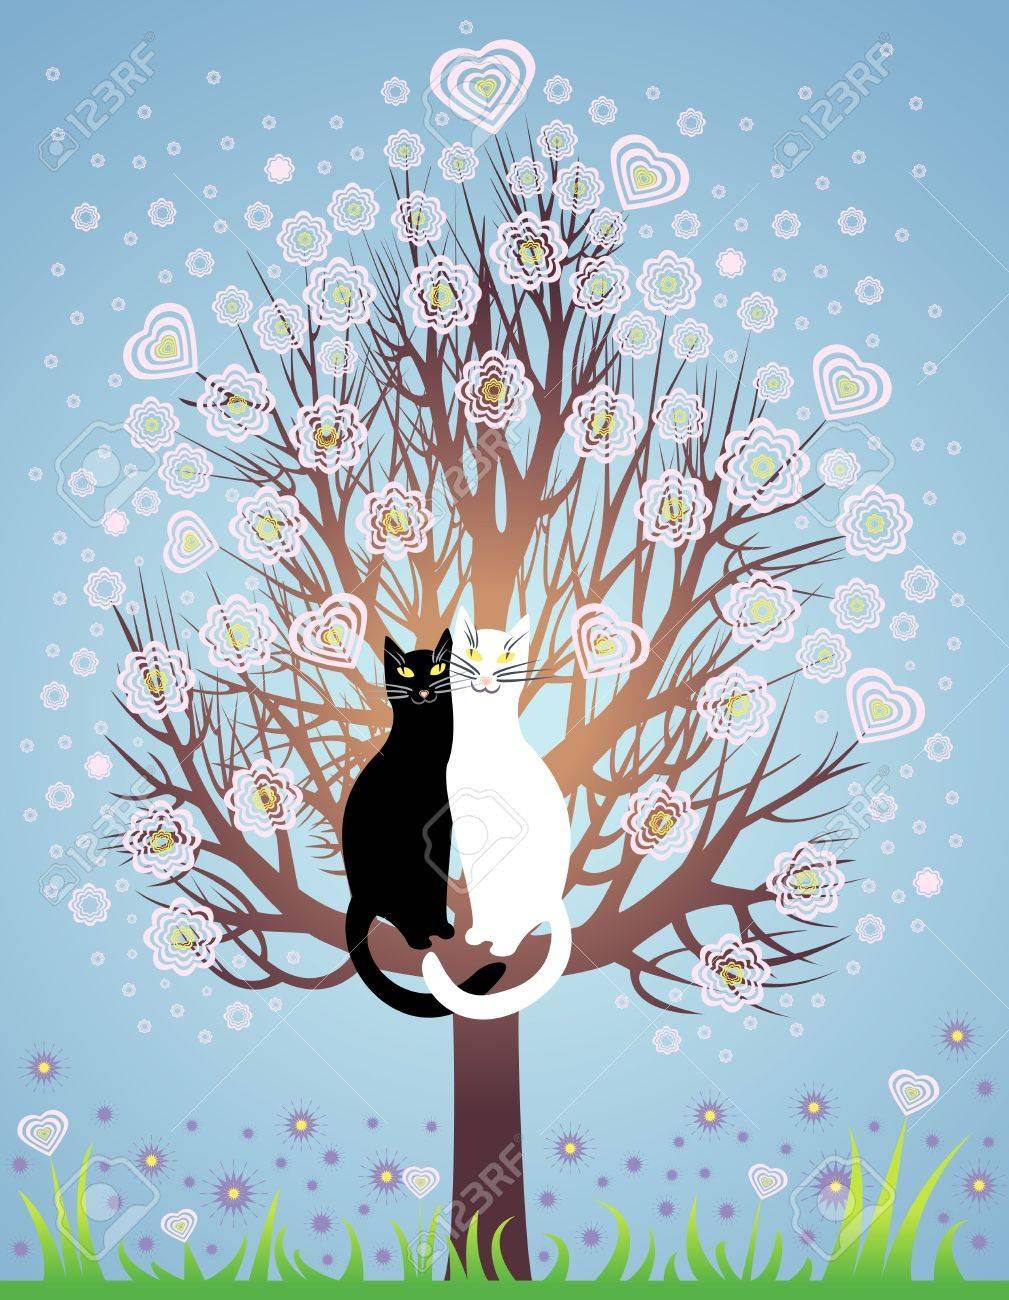 Banque dimages , Carte de voeux avec deux chats amoureux sur un ressort, arbre en fleurs